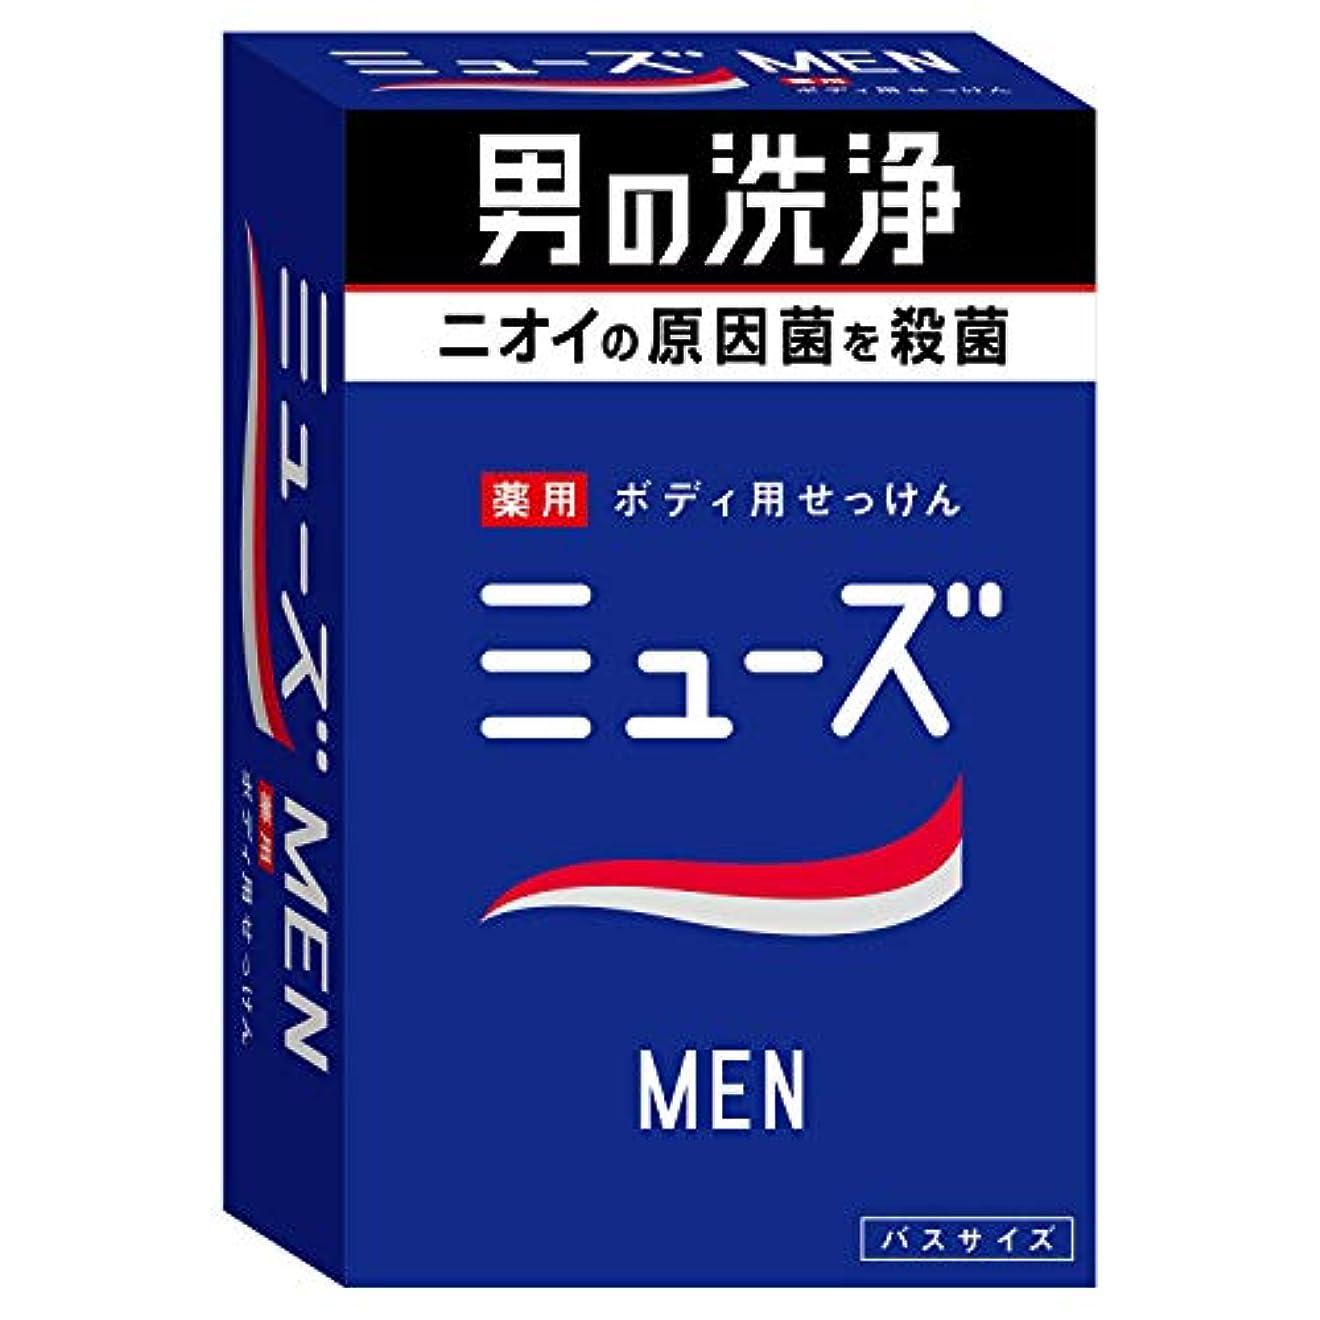 プロットマーベル死すべき【医薬部外品】ミューズメン 石鹸 135g